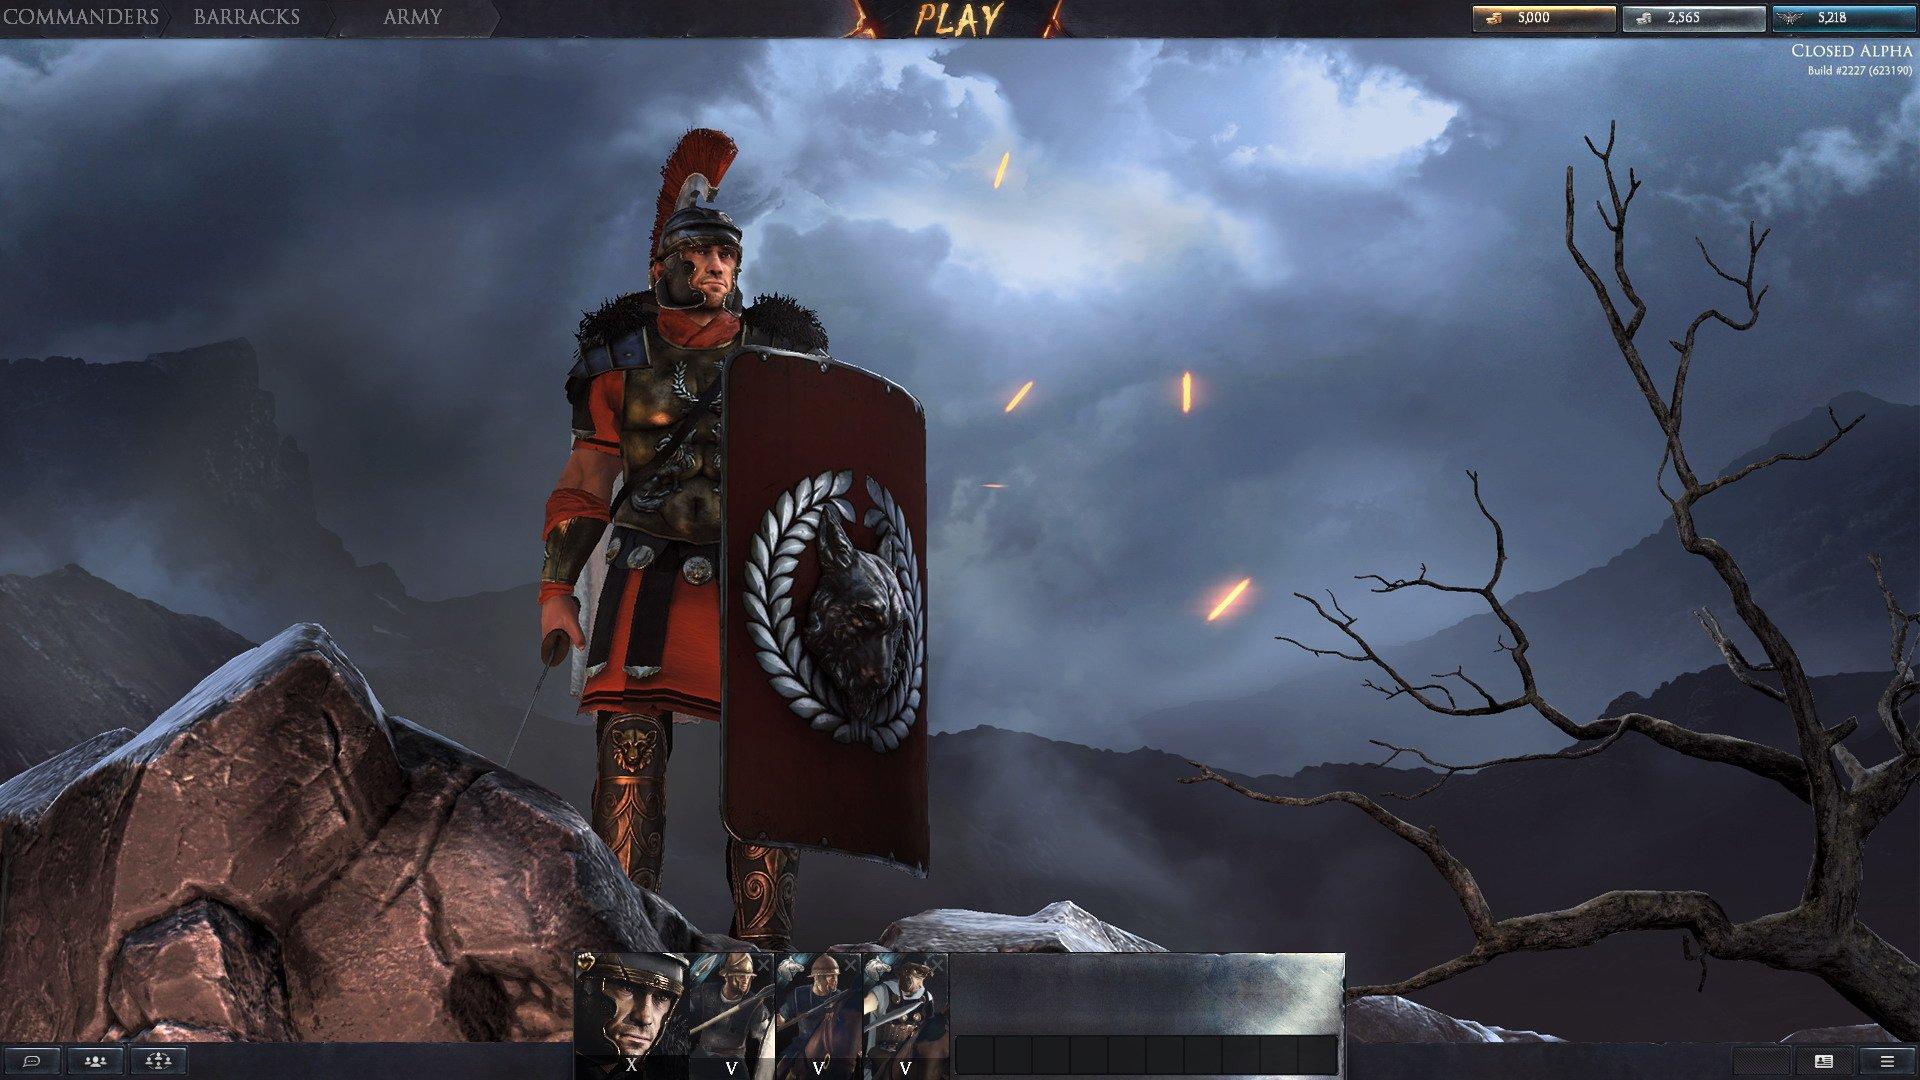 Total War: Arena - Imágenes juego PC - 3DJuegos